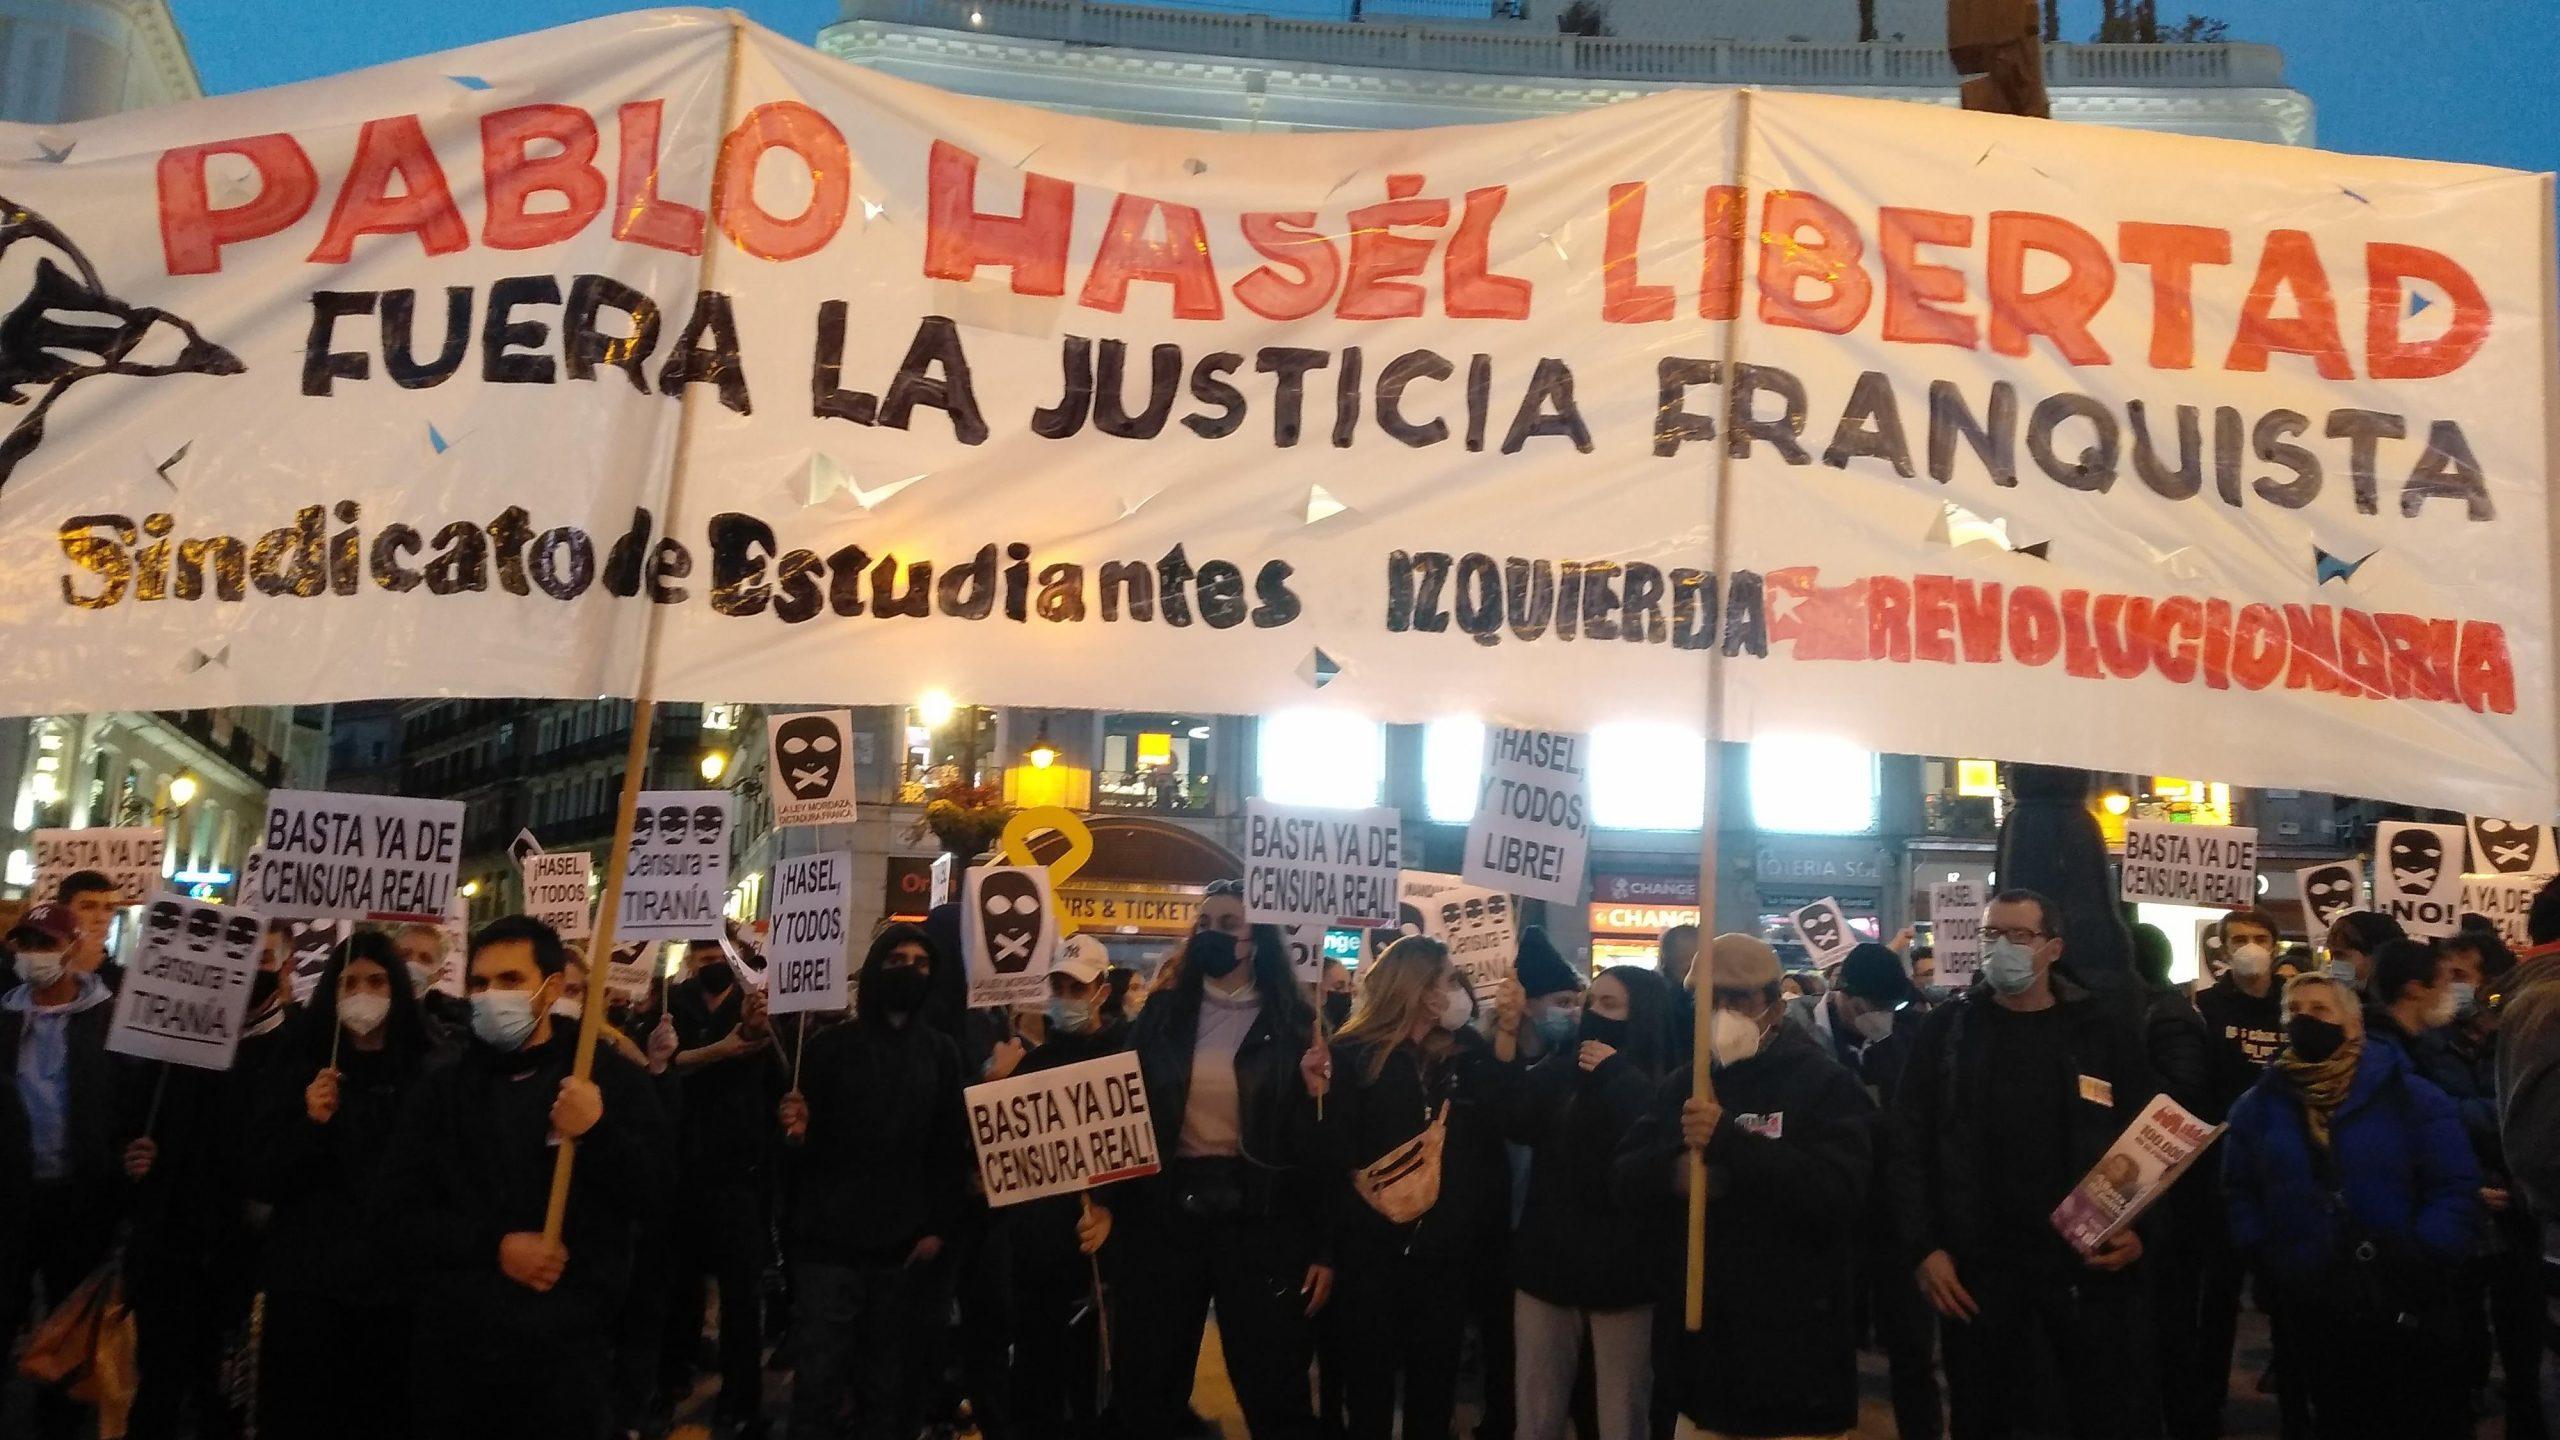 Policía española reprime protesta por detención del rapero Hasél - 21434678-scaled